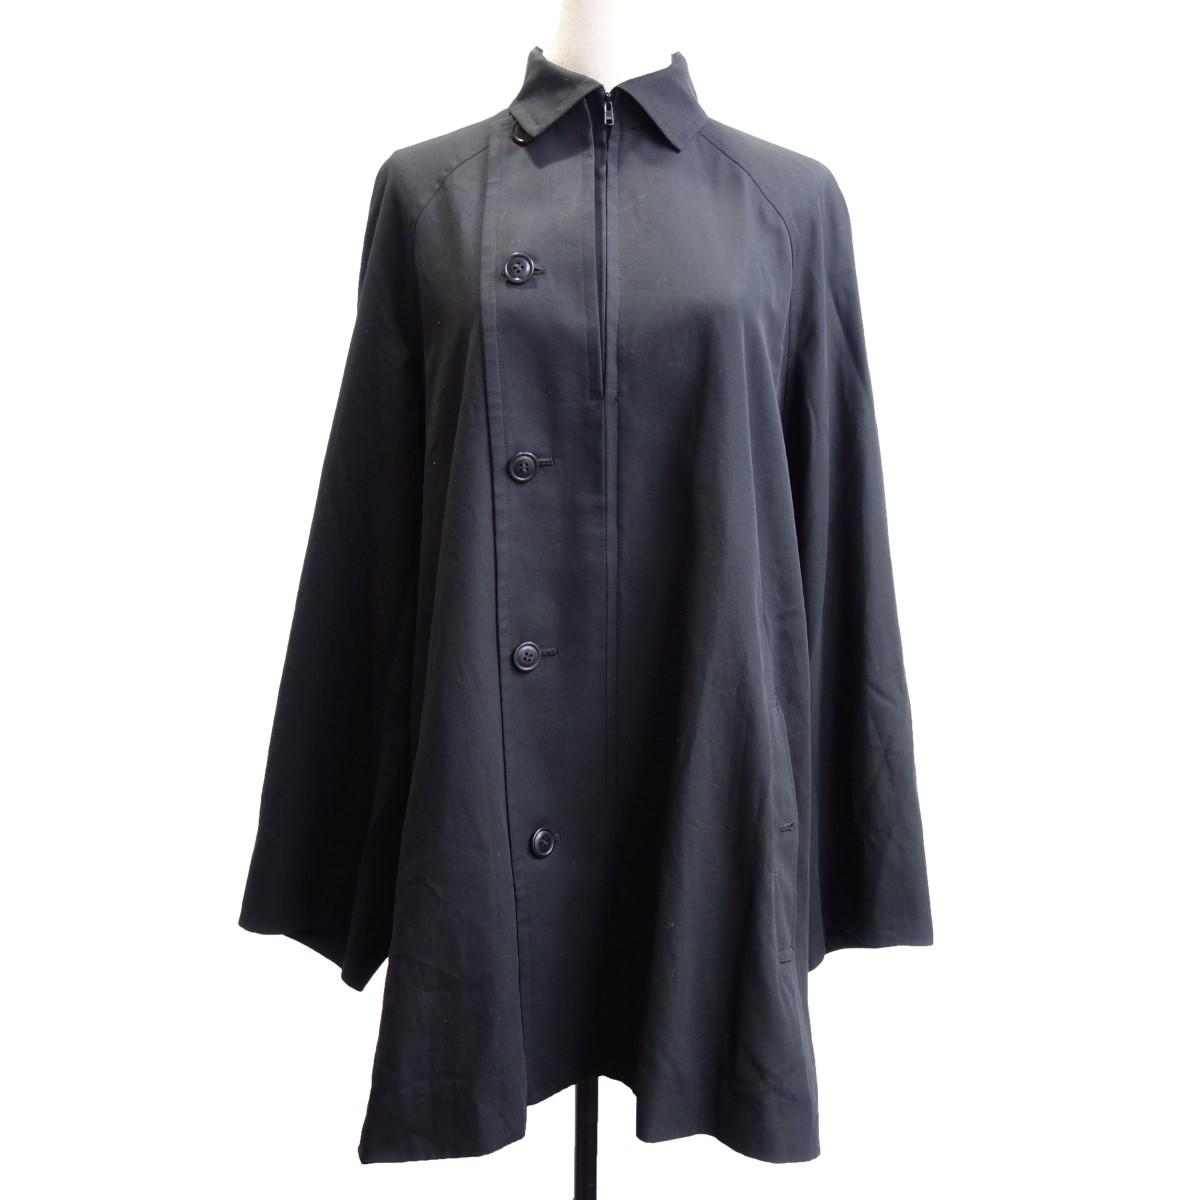 【中古】YOHJI YAMAMOTO NOIR 17SS ステンカラーコート ブラック サイズ:2 【290420】(ヨウジヤマモトノアール)